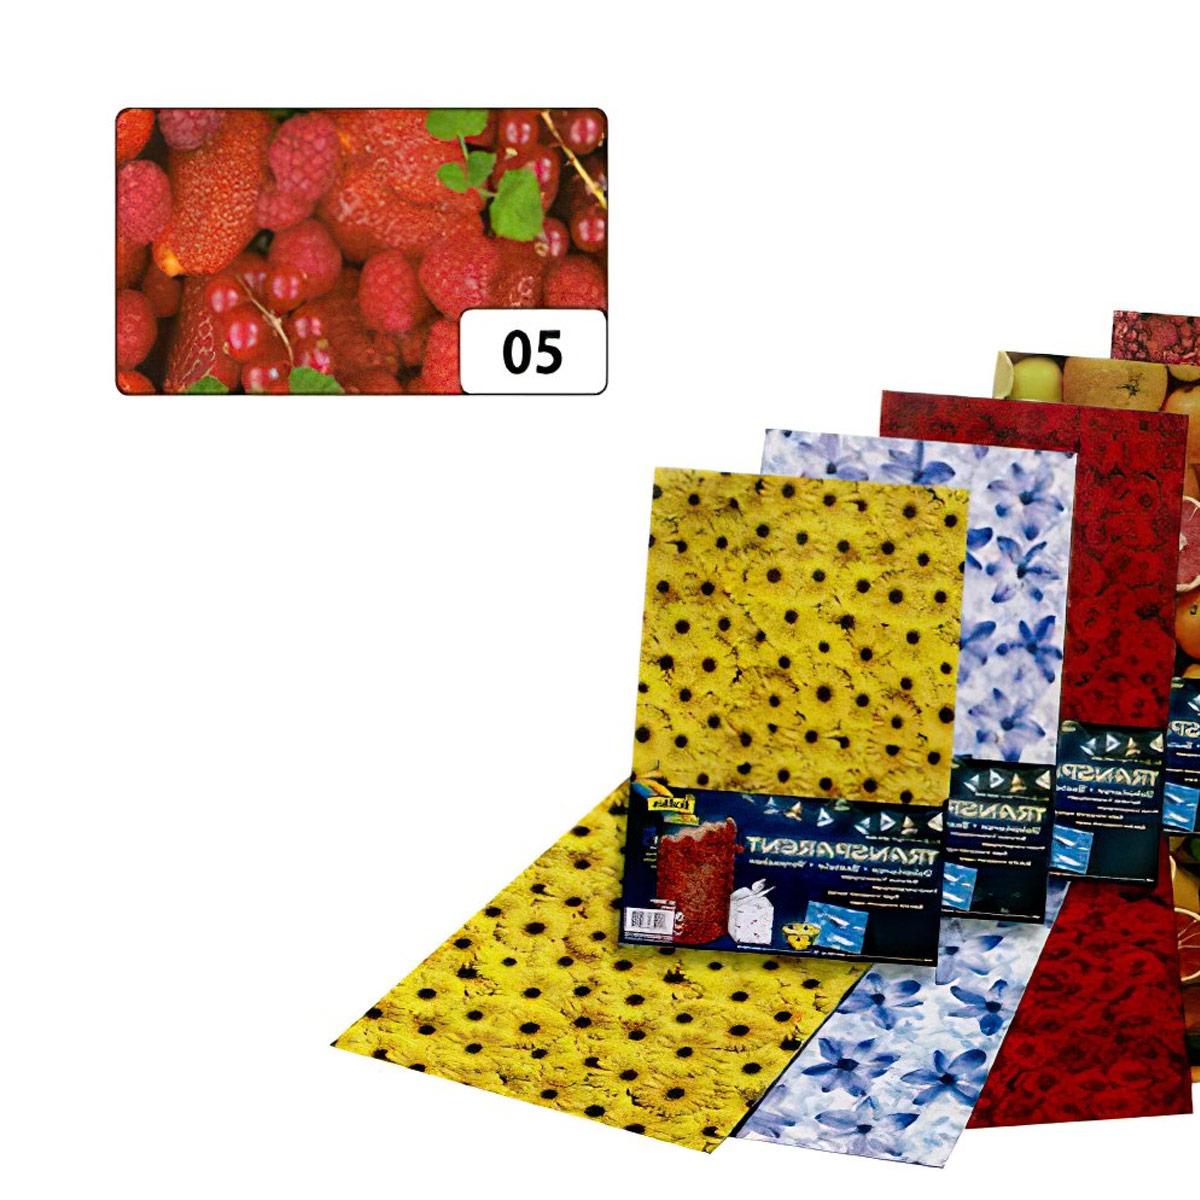 86105 Транспарентная бумага 'Ягоды', 115 г/м?, 50,5*70 см, Folia